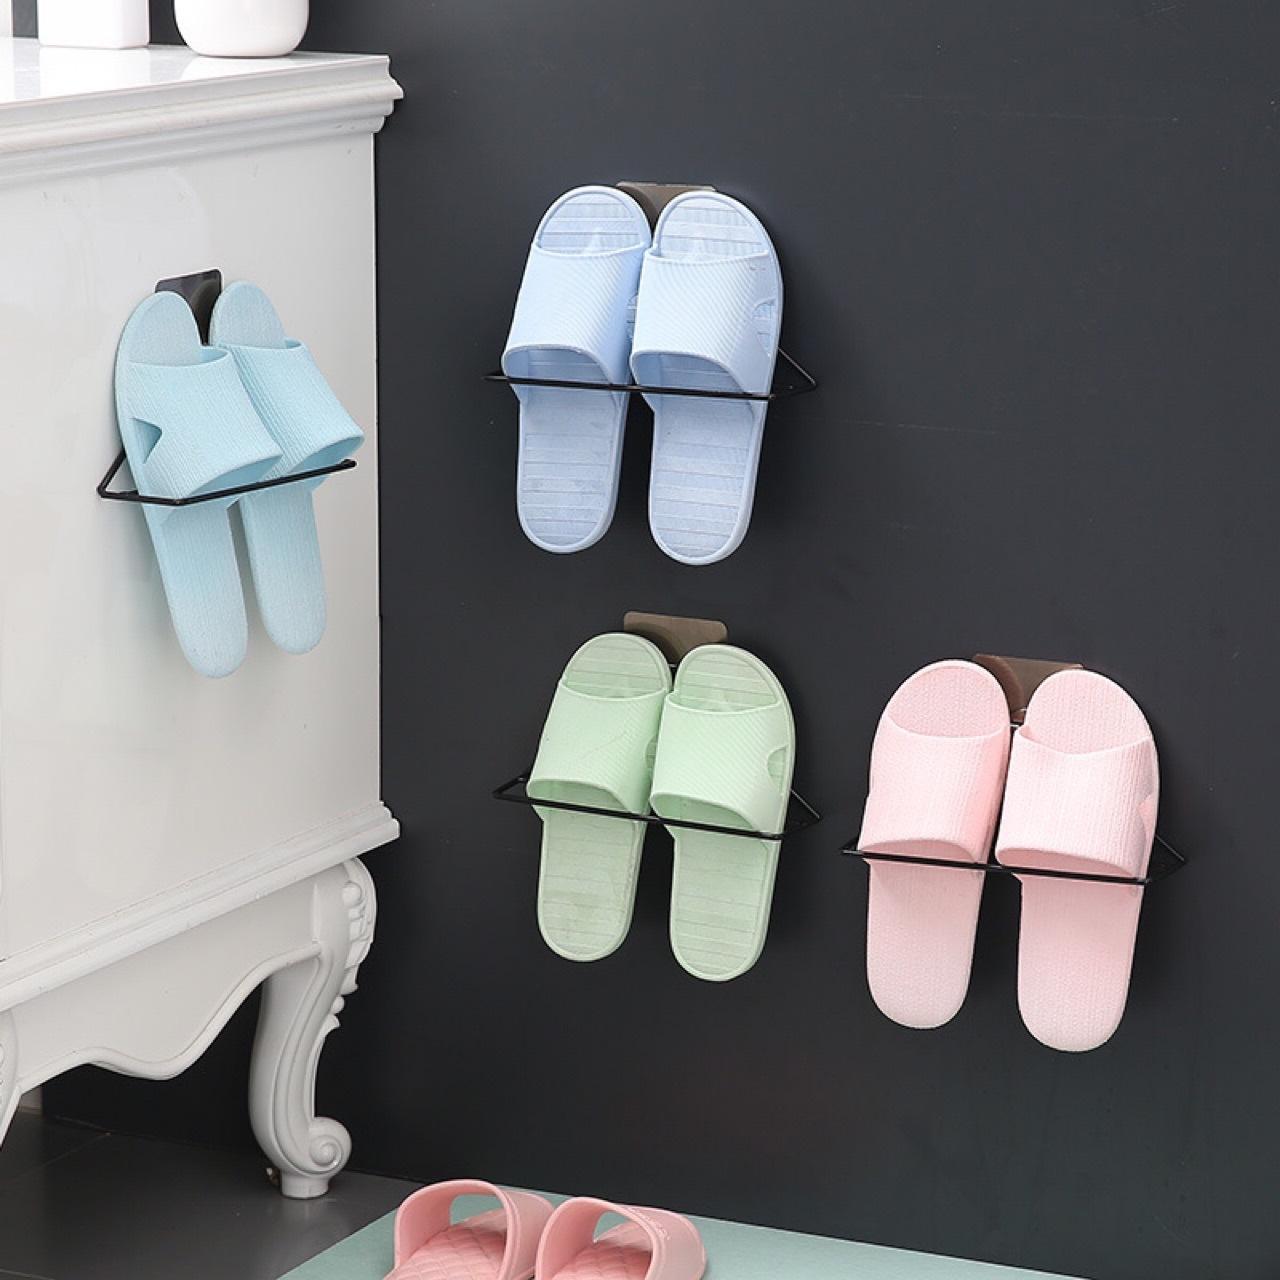 Montado en la pared del estante del sostenedor zapatos zapatilla de hierro pegado triángulo casa sencilla sin golpe de trapo baño de metal estante de almacenamiento toalla